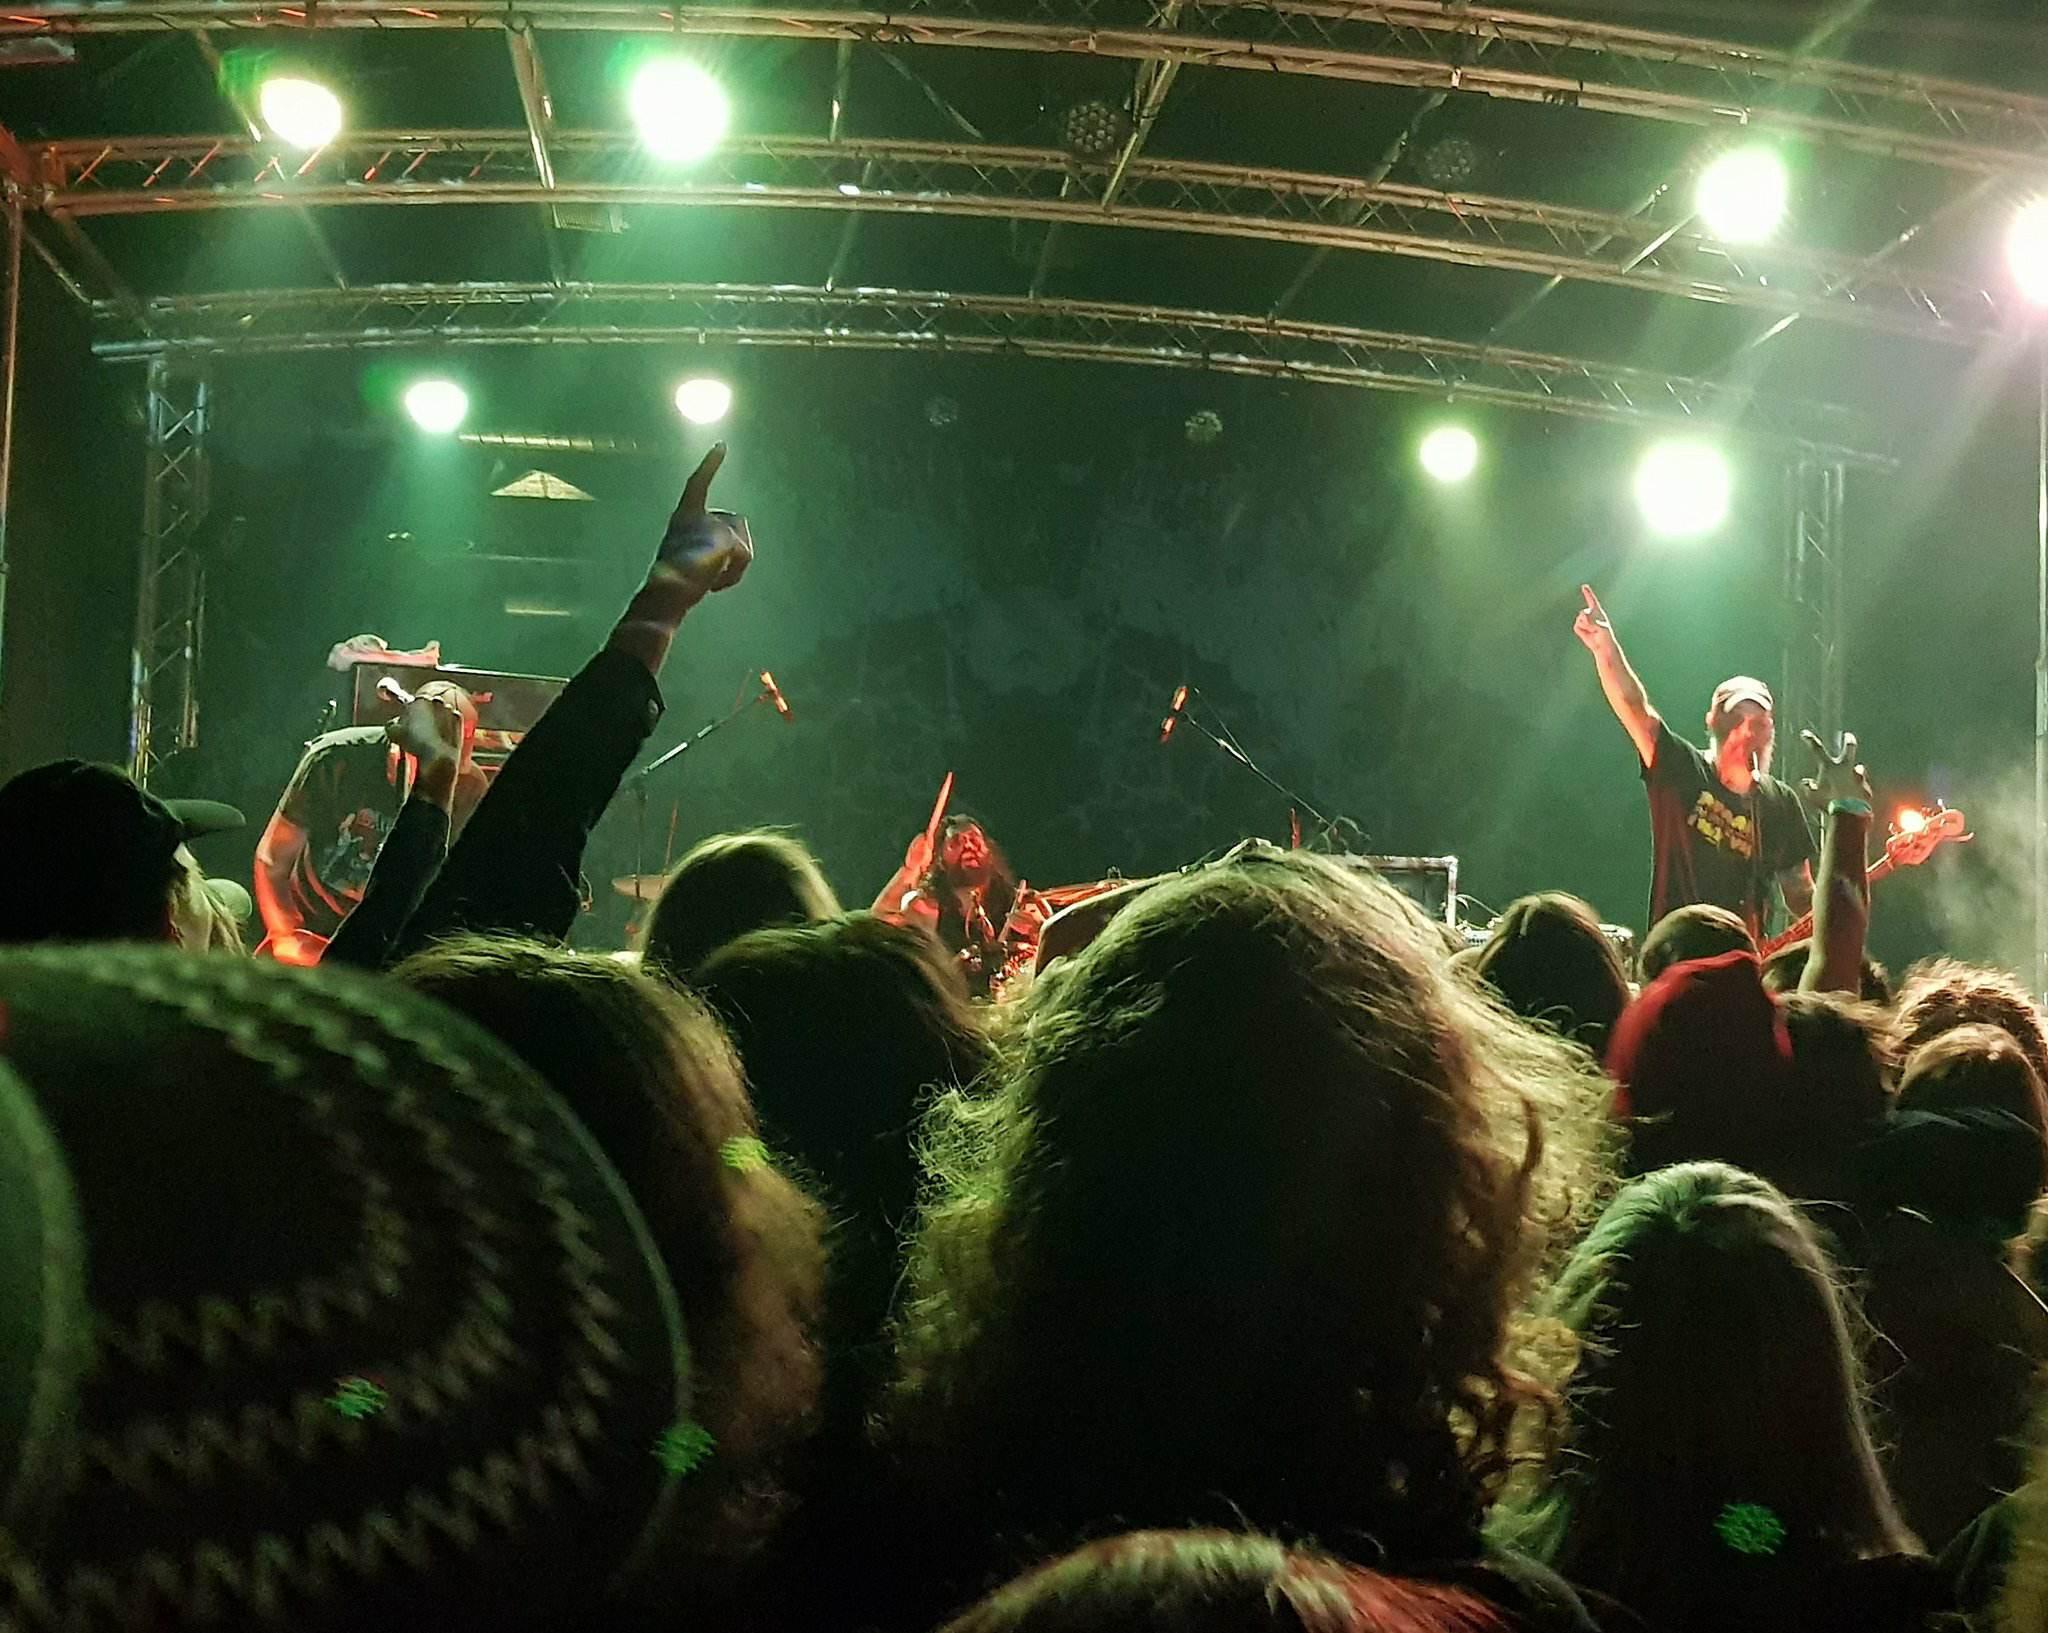 Abriss mit Ansage: Weedeater auf der SideStage beim Desertfest Berlin 2018 (Foto: Marius Soyke)